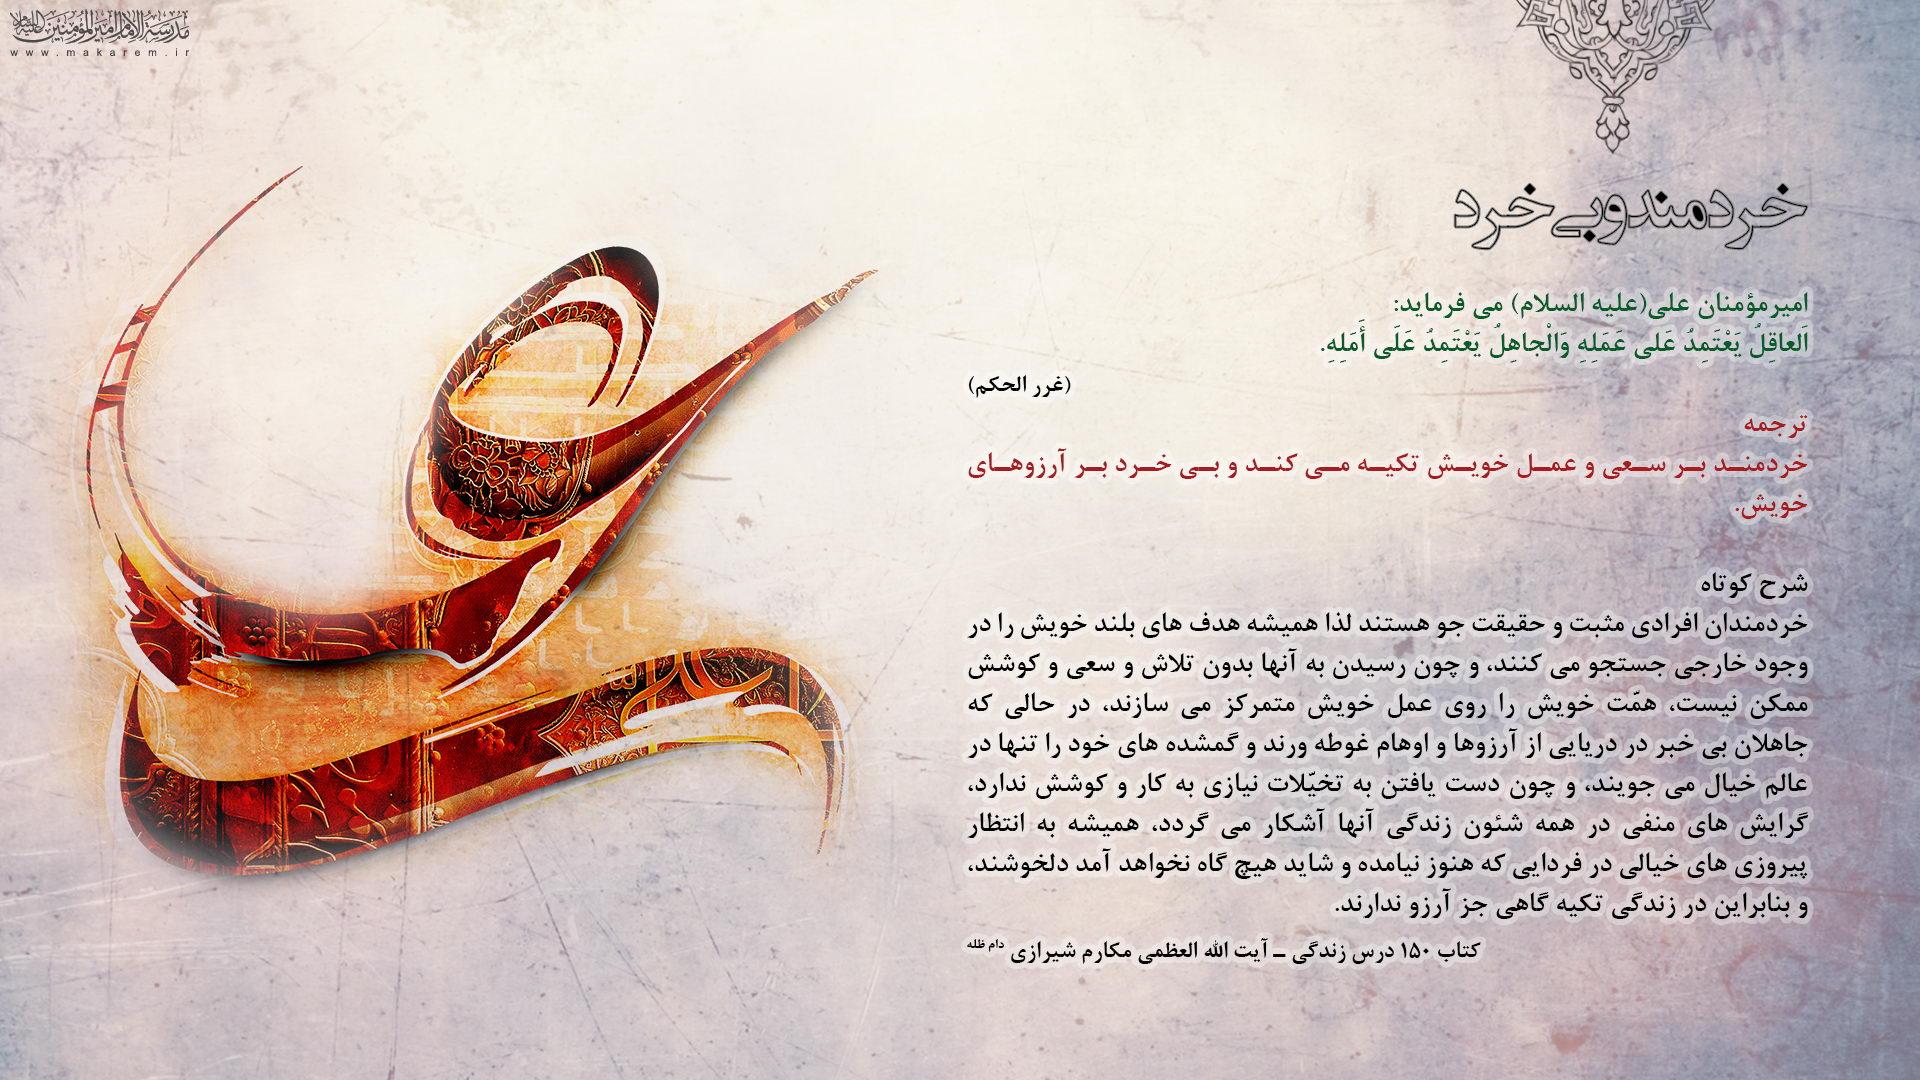 خردمند و بی خرد-مدرسه الامام امیر المومنین (ع)